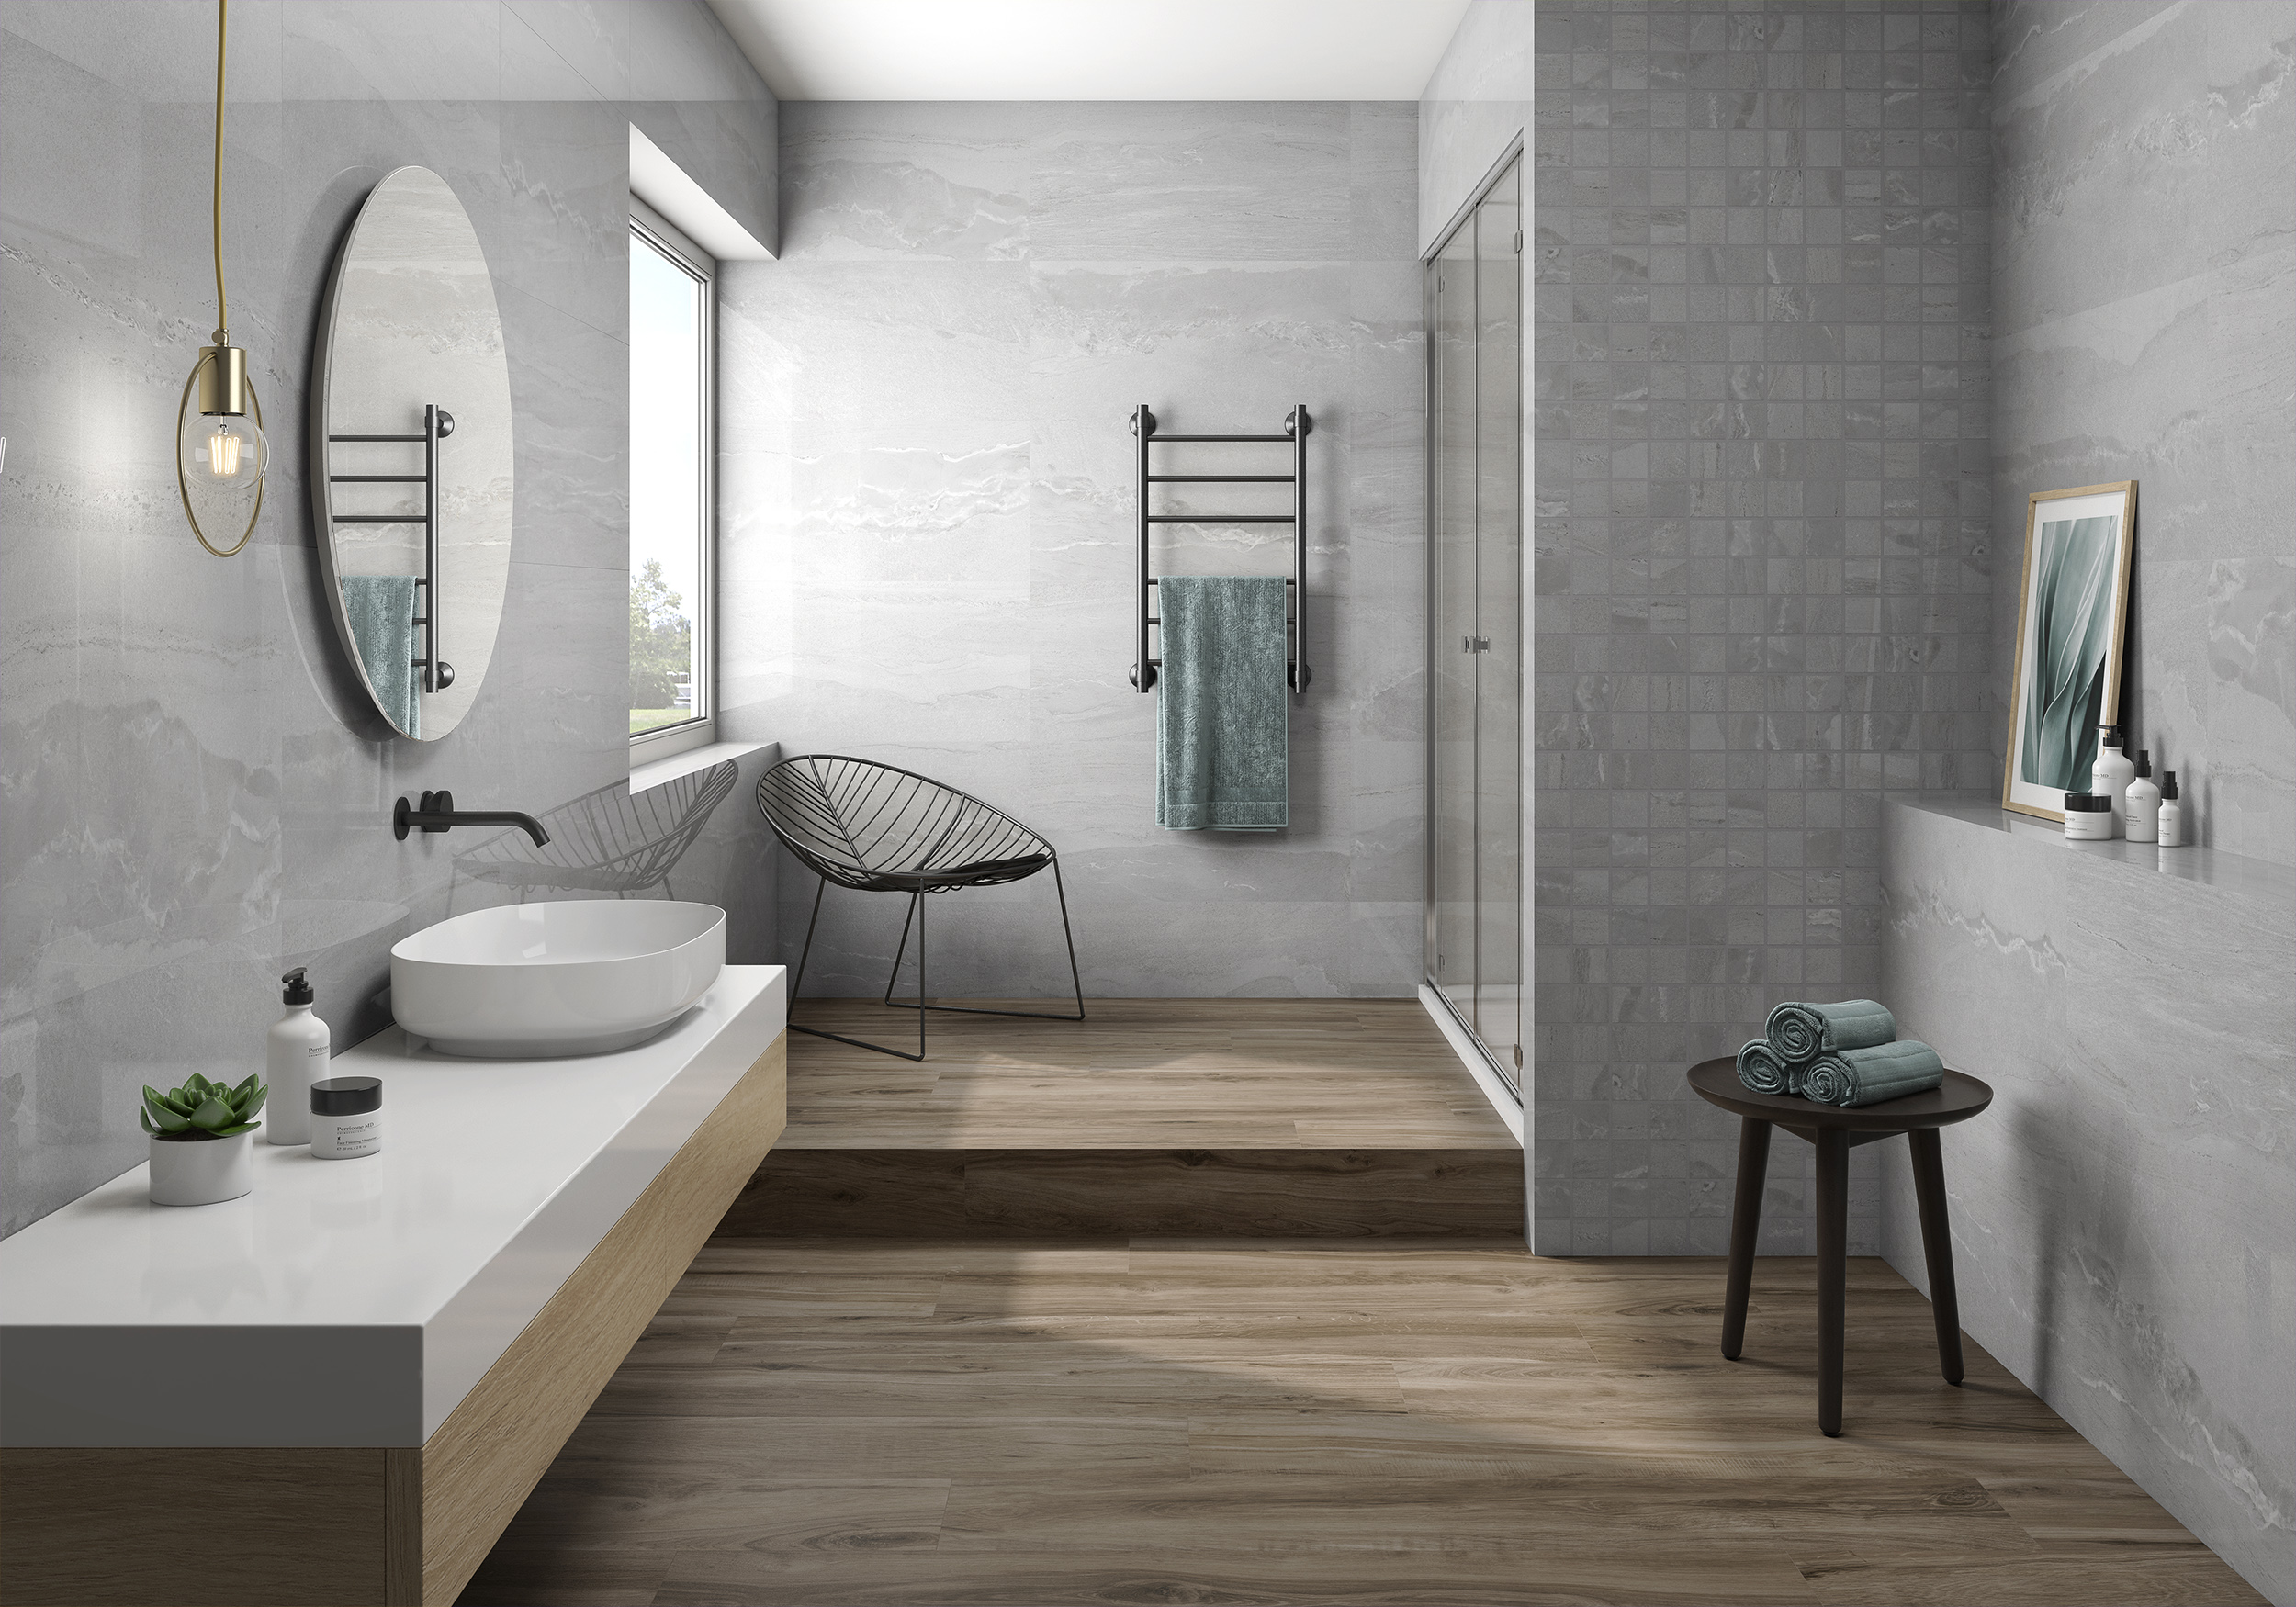 Een doucheruimte zijn Remodelleren Badkamerapparatuur op de stenen vloer.